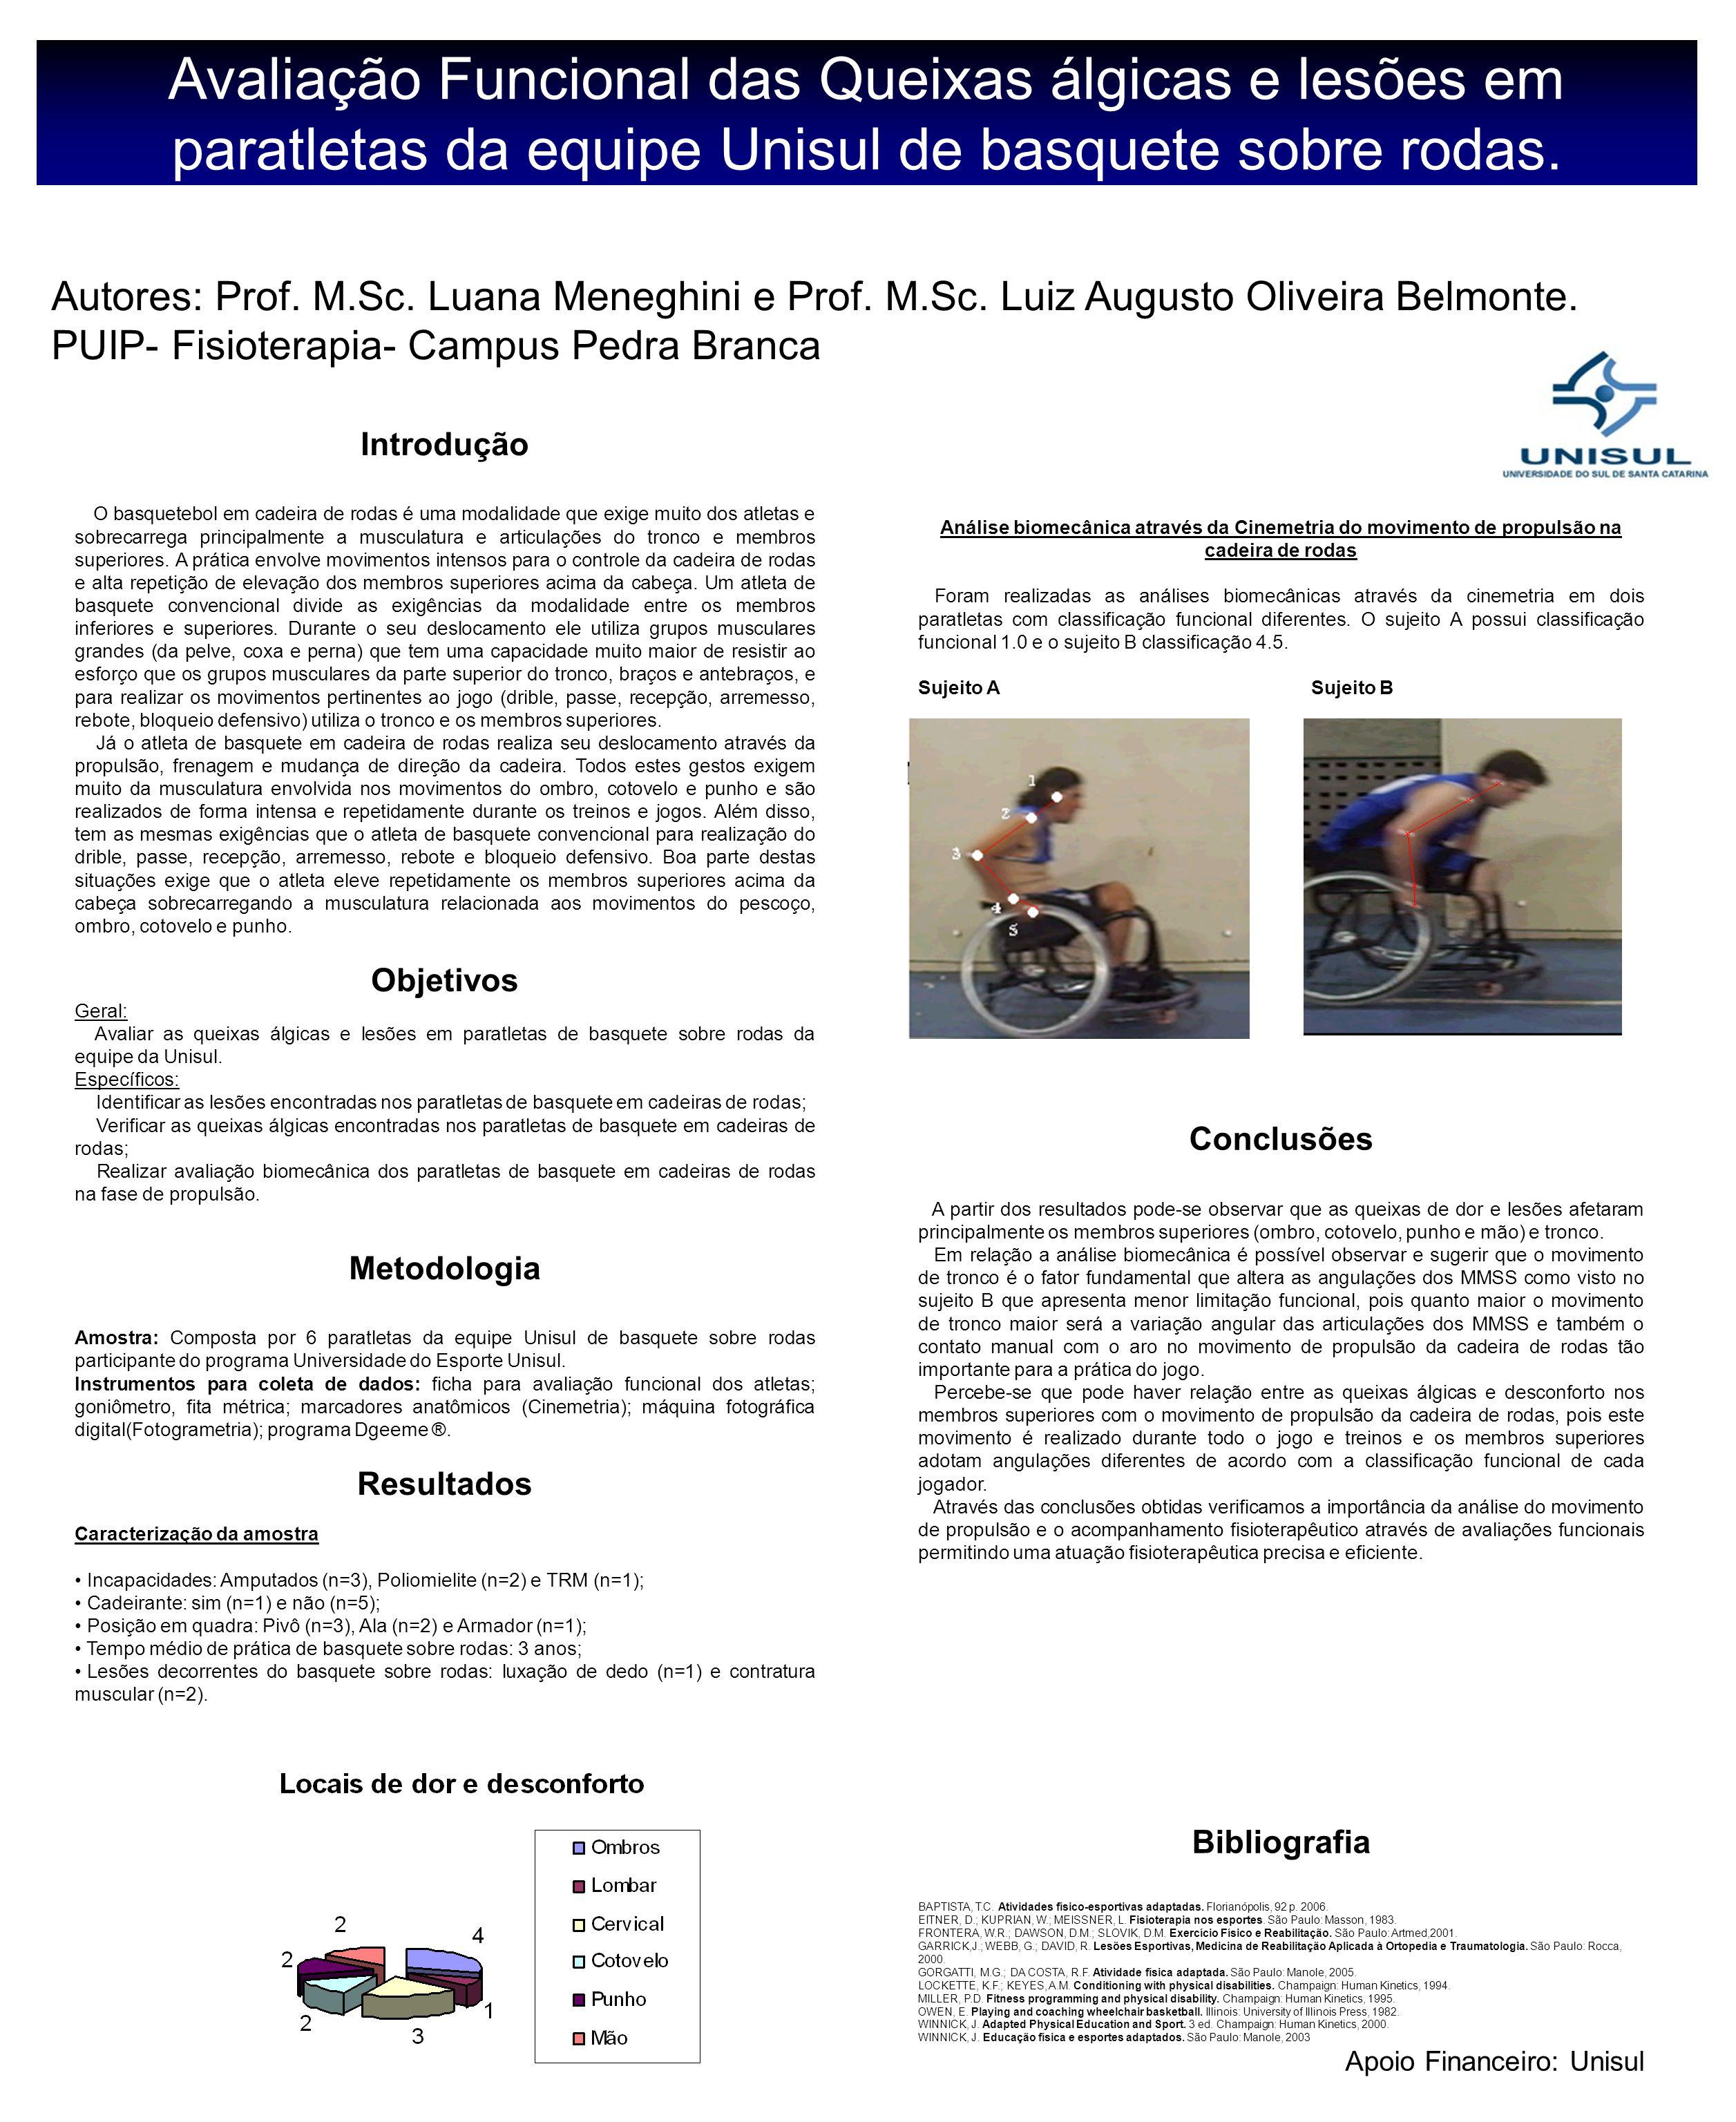 Avaliação Funcional das Queixas álgicas e lesões em paratletas da equipe Unisul de basquete sobre rodas.